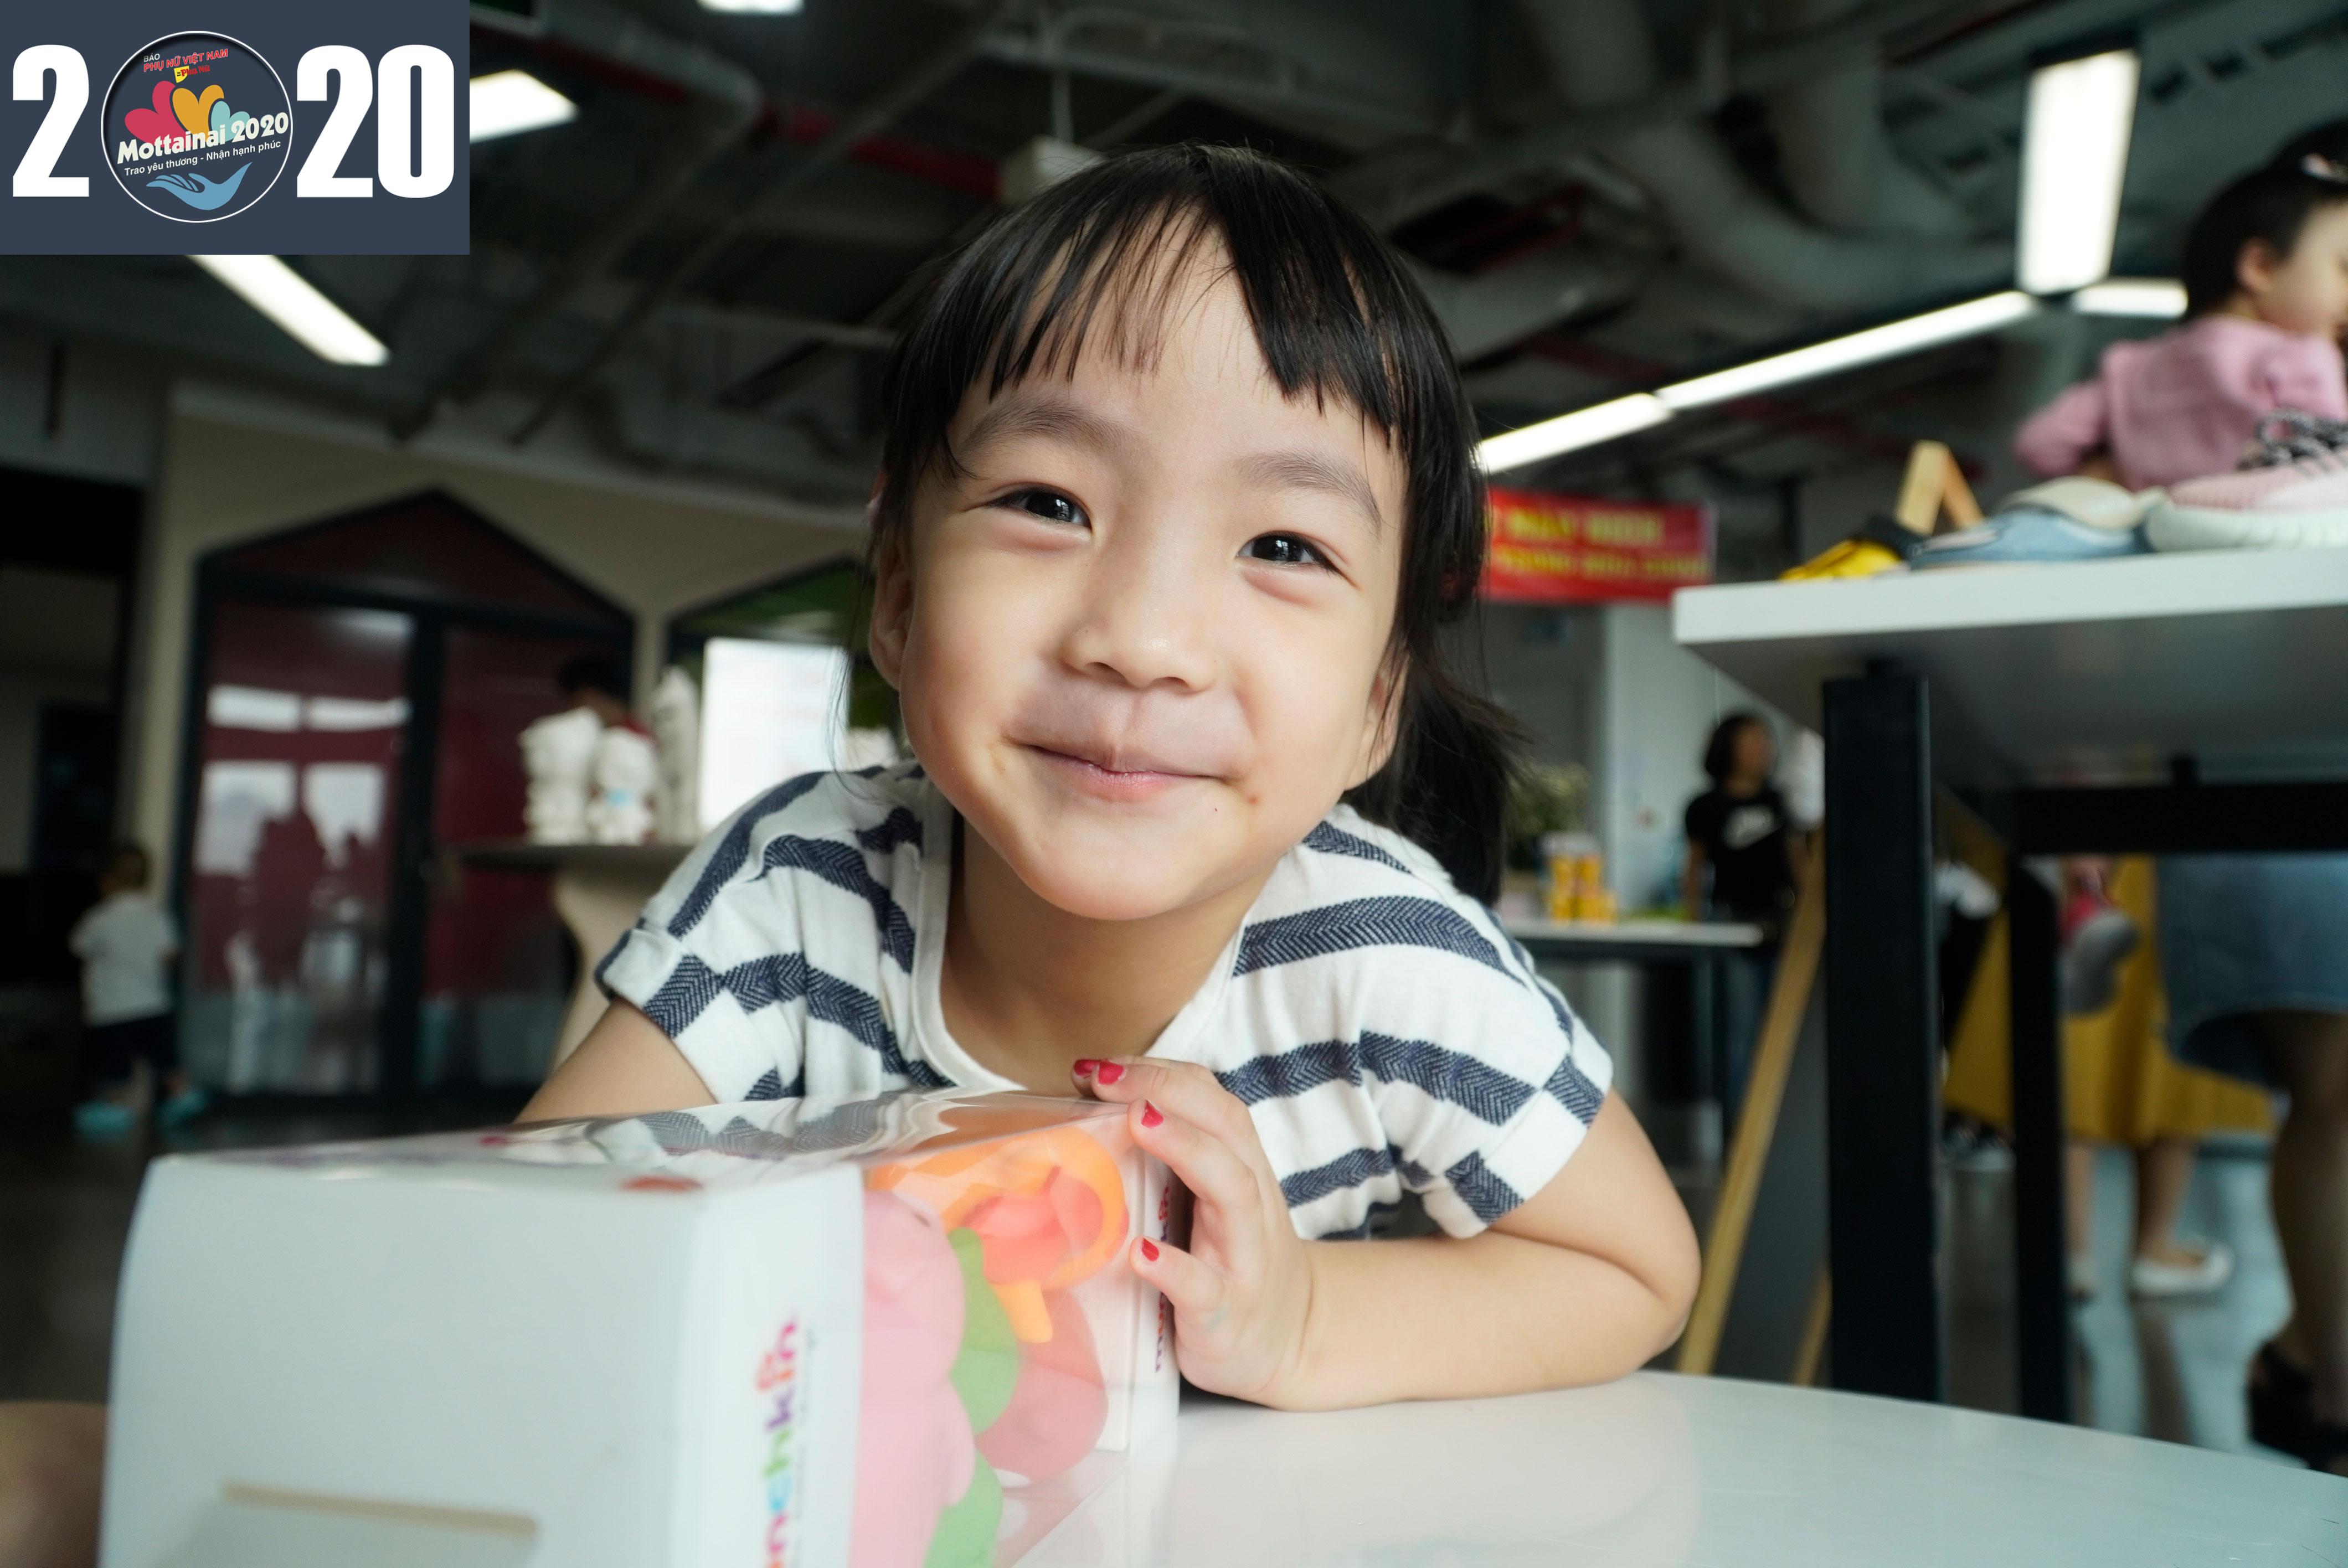 Hội chợ đồ cũ gây quỹ Mottainai: Cơ hội để các gia đình gặp gỡ, chung tay làm một việc có ý nghĩa - Ảnh 14.